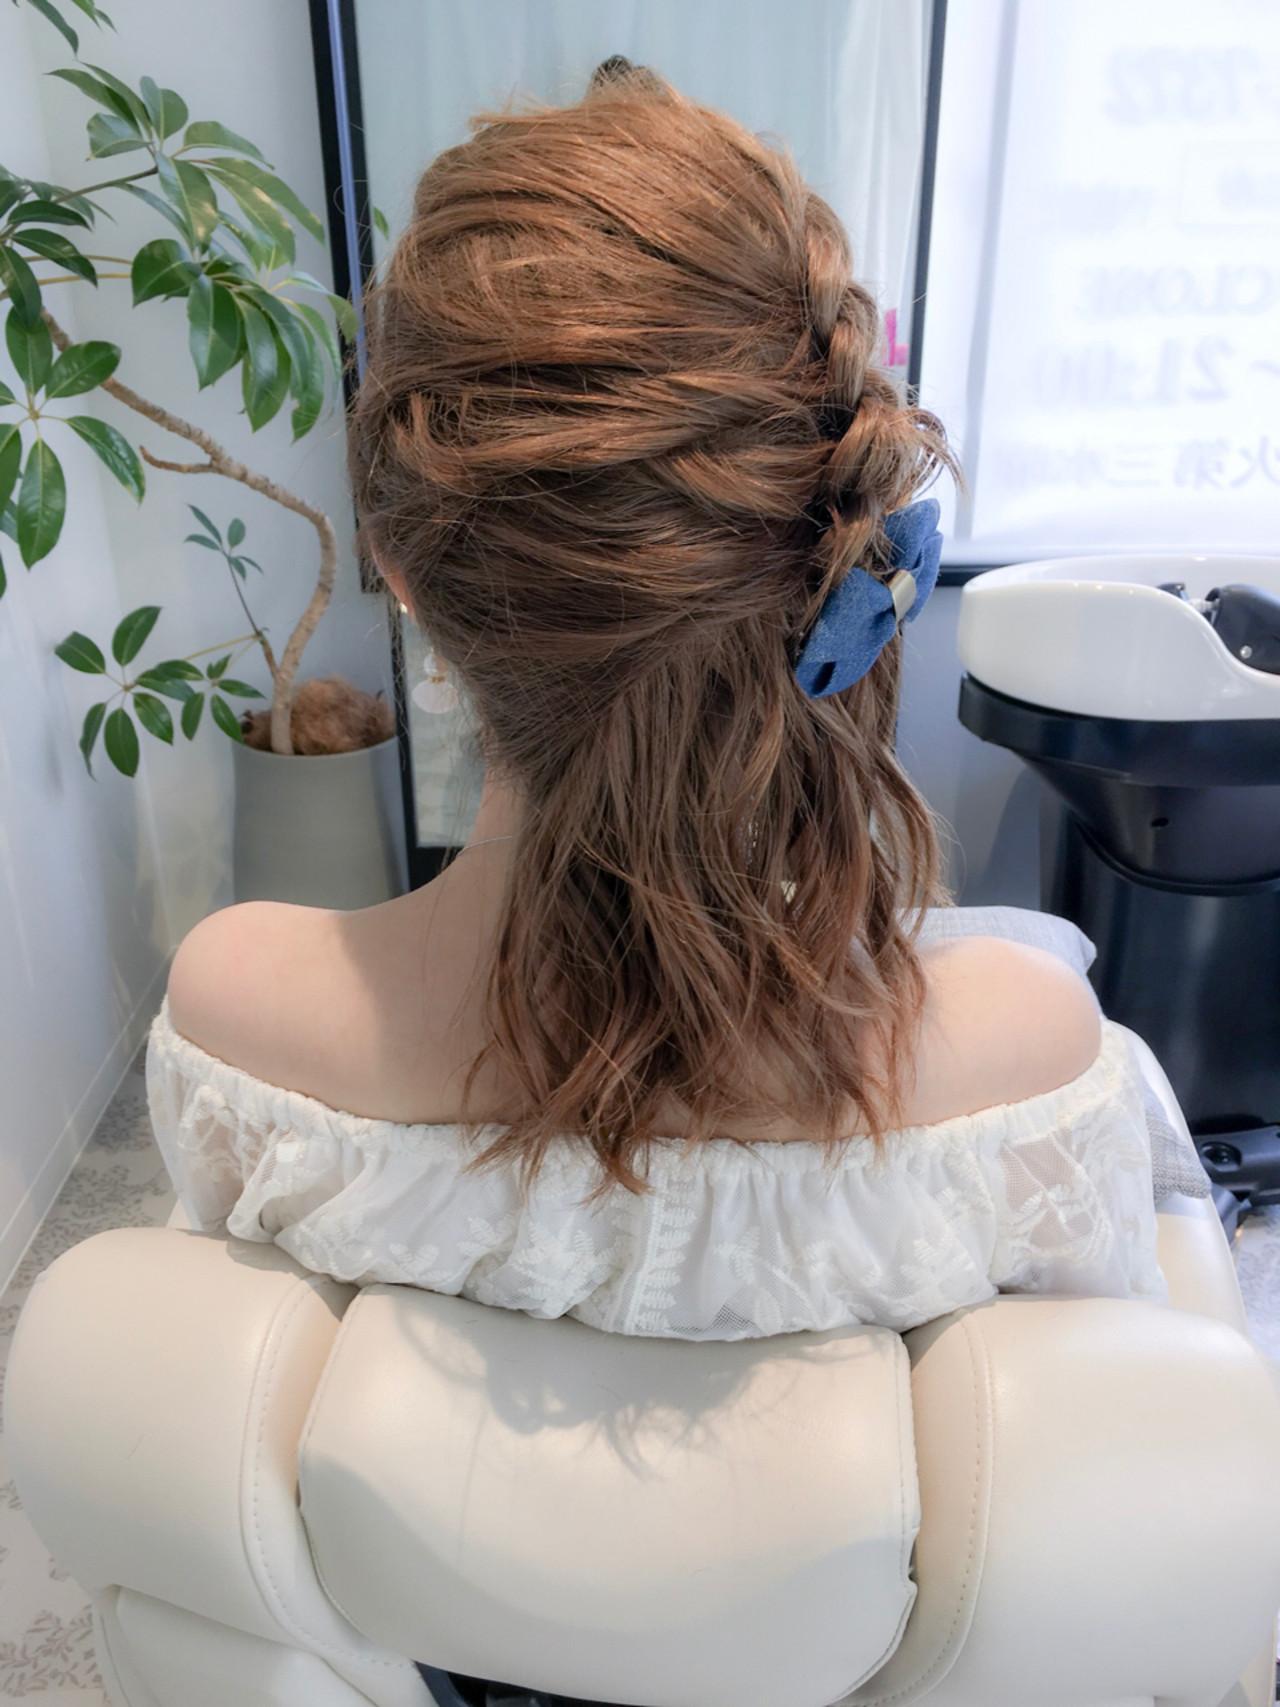 ガーリー ハーフアップ アウトドア 編み込み ヘアスタイルや髪型の写真・画像   美容師HIRO/Amoute代表 / Amoute/アムティ